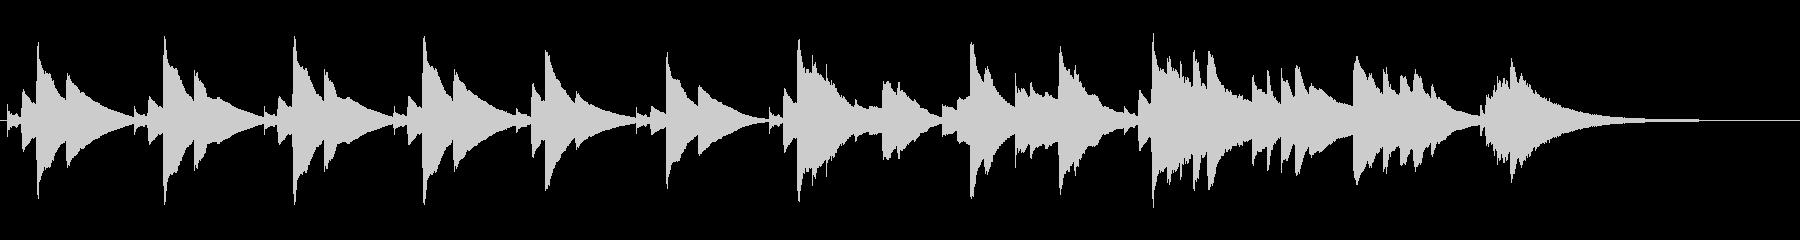 眠くなるオルゴールのBGM(約1分)の未再生の波形